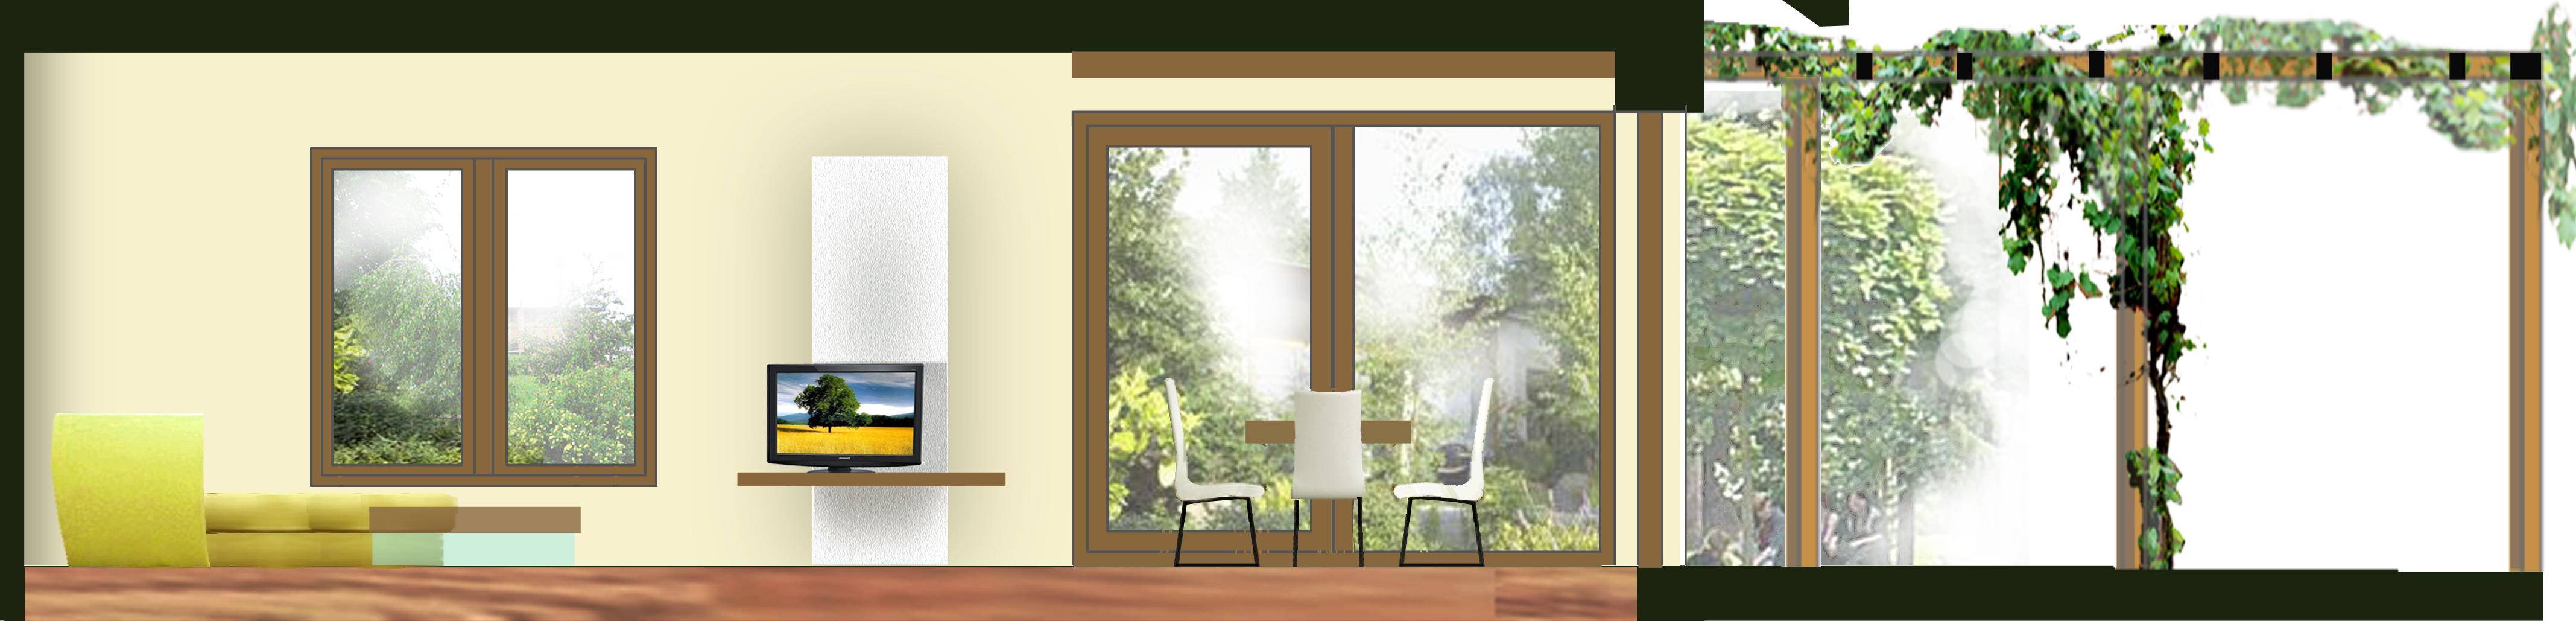 řezopohled hlavními obytnými prostorami - obývacím a jídelním koutem (a venkovní terasou)